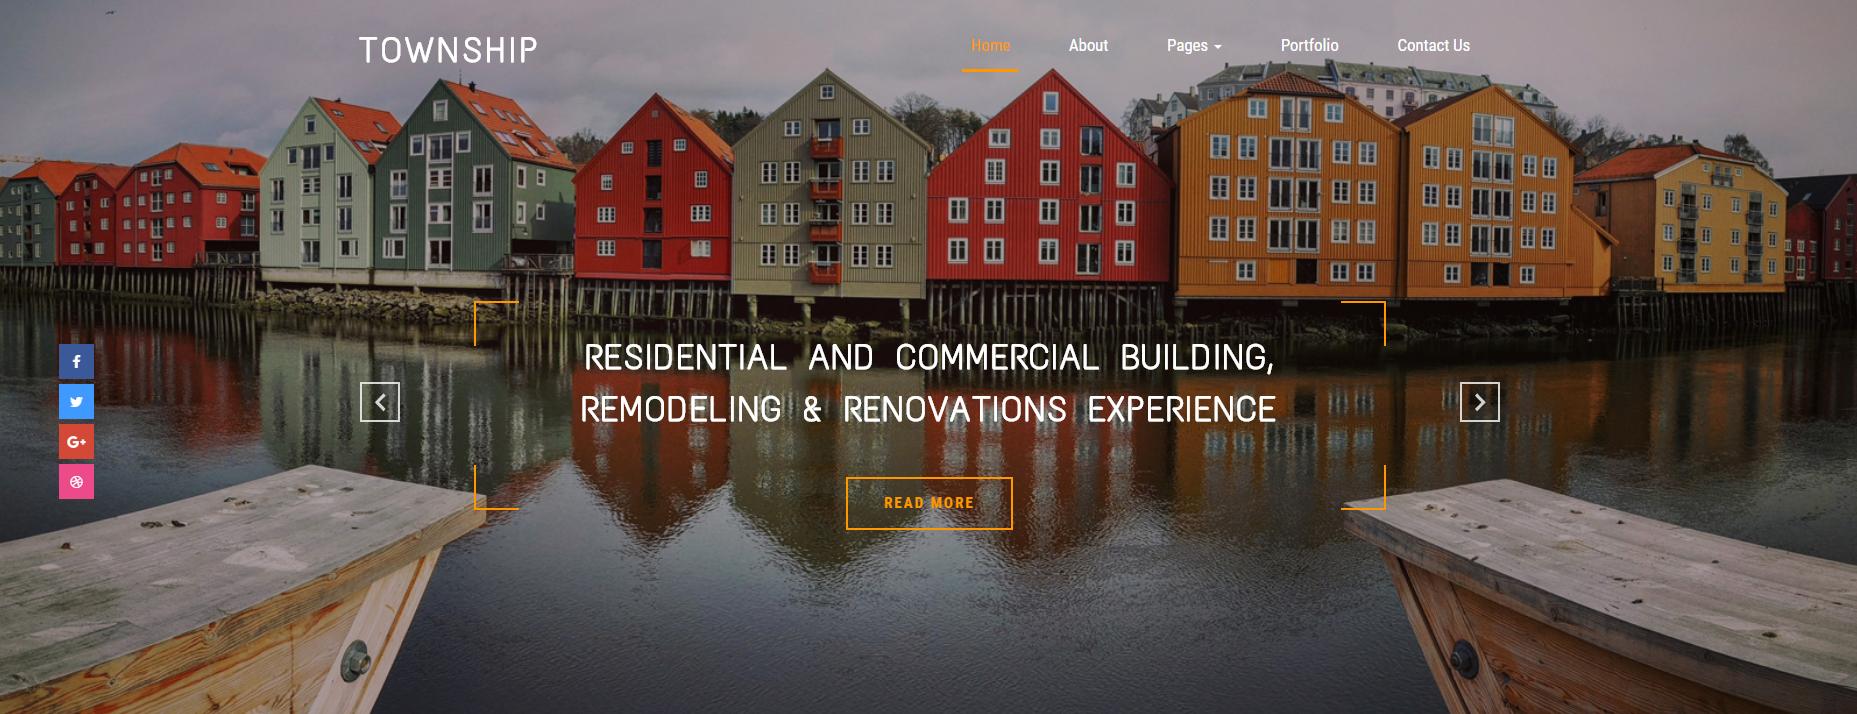 旅游开发公司的网站模板